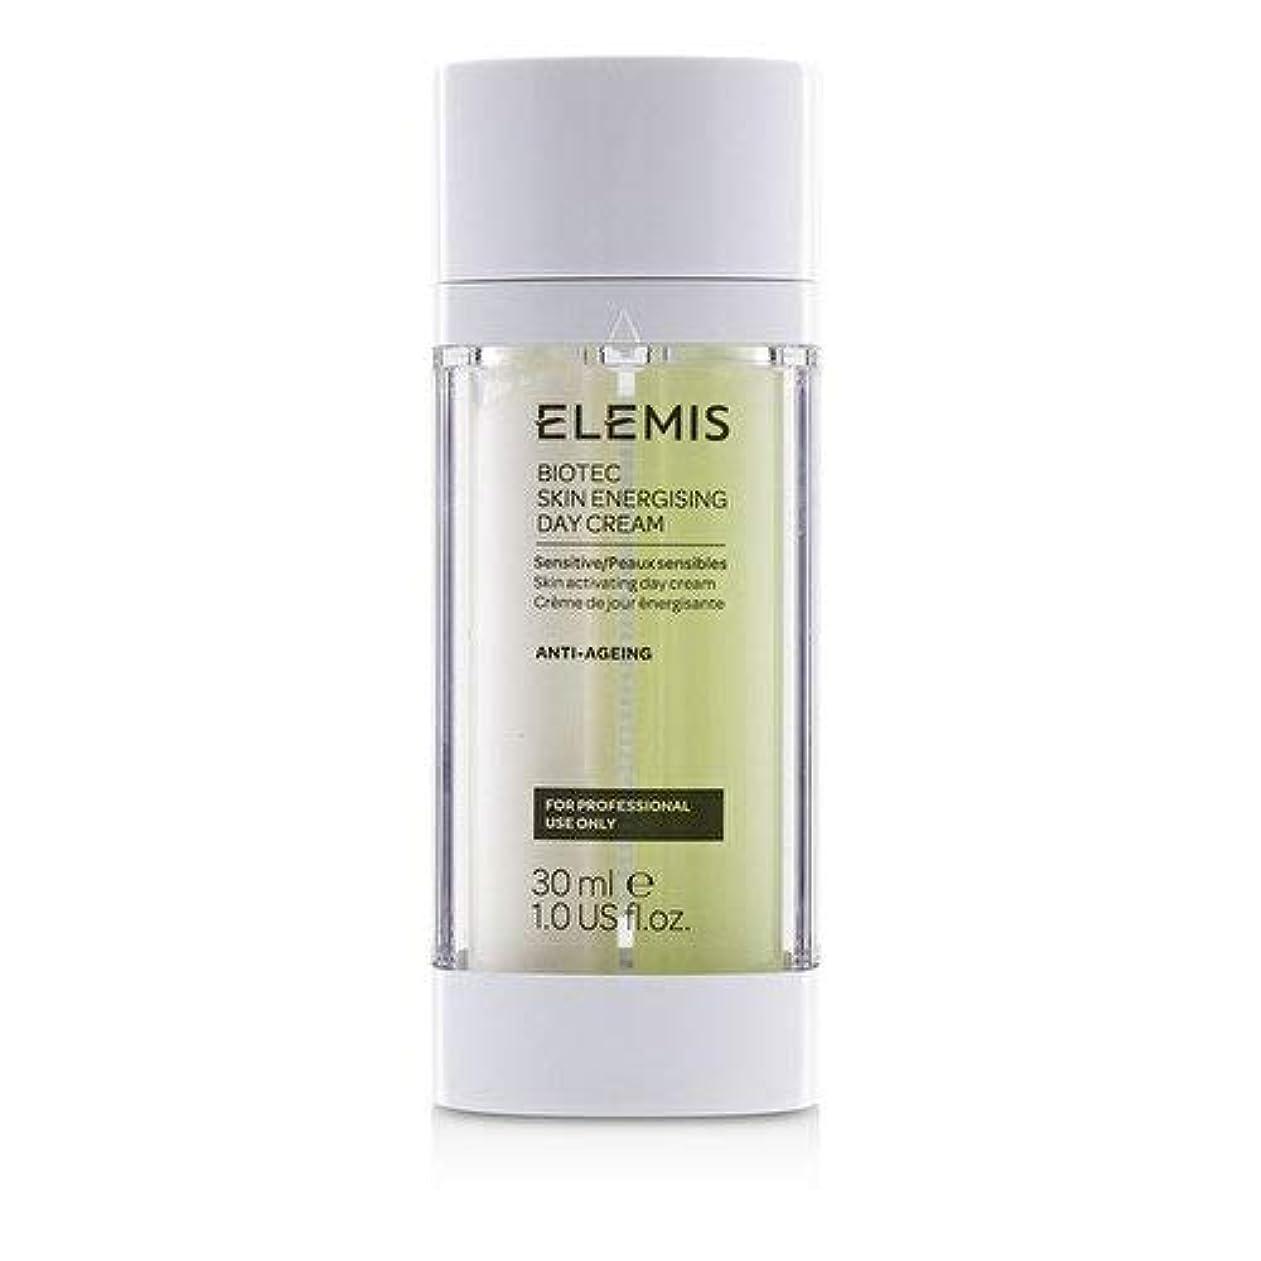 付属品素子庭園エレミス BIOTEC Skin Energising Day Cream - Sensitive (Salon Product) 30ml/1oz並行輸入品